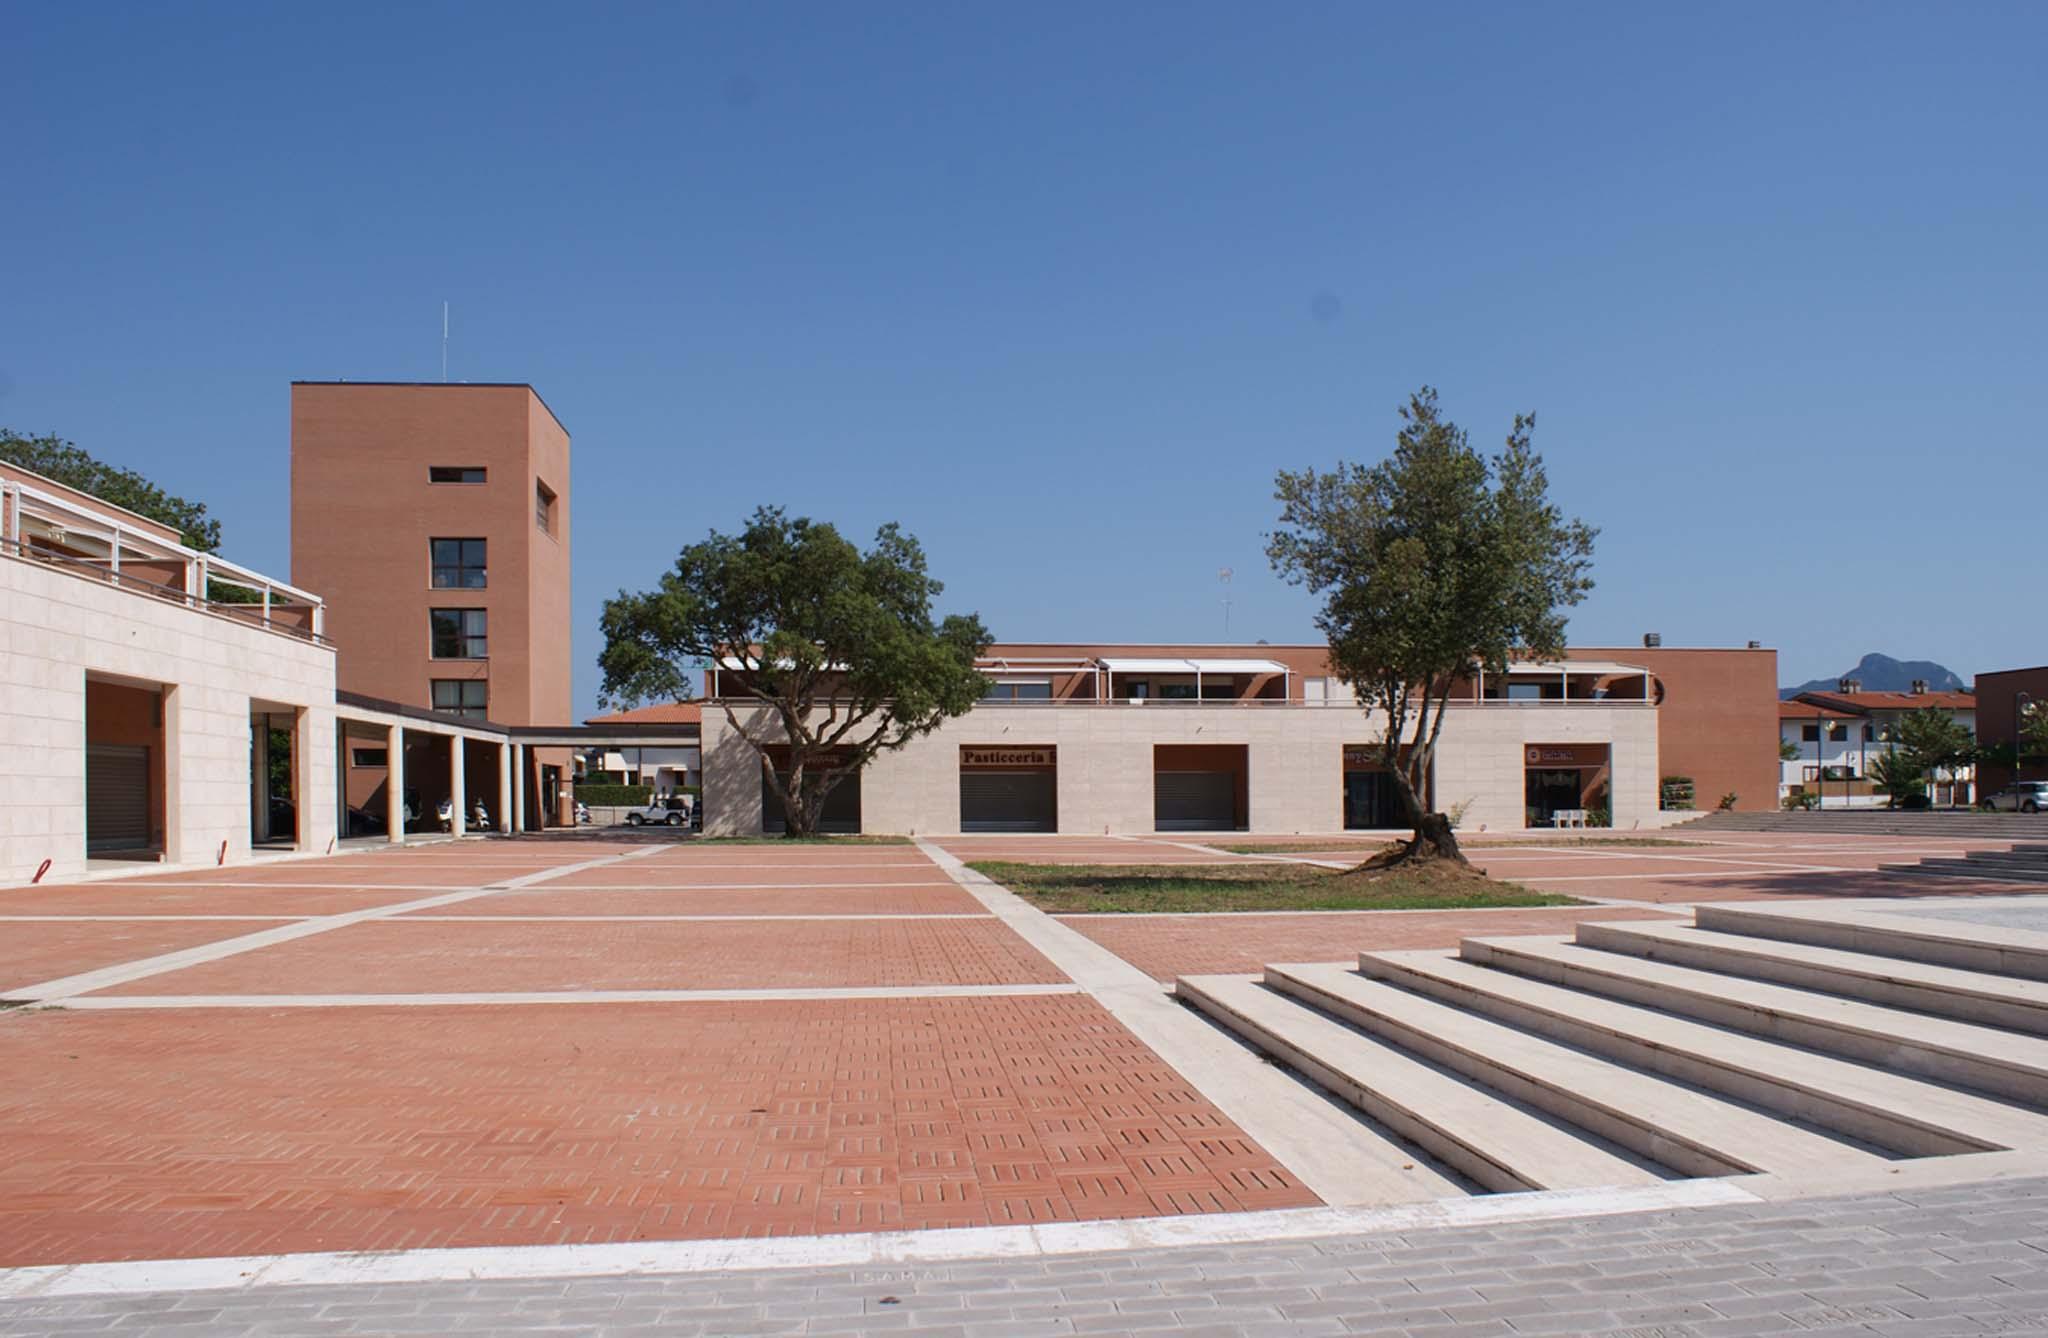 Sabaudia italie la place ermanno tomassetti r alis e en 2014 par ettore pe - Francois brugel architecte ...